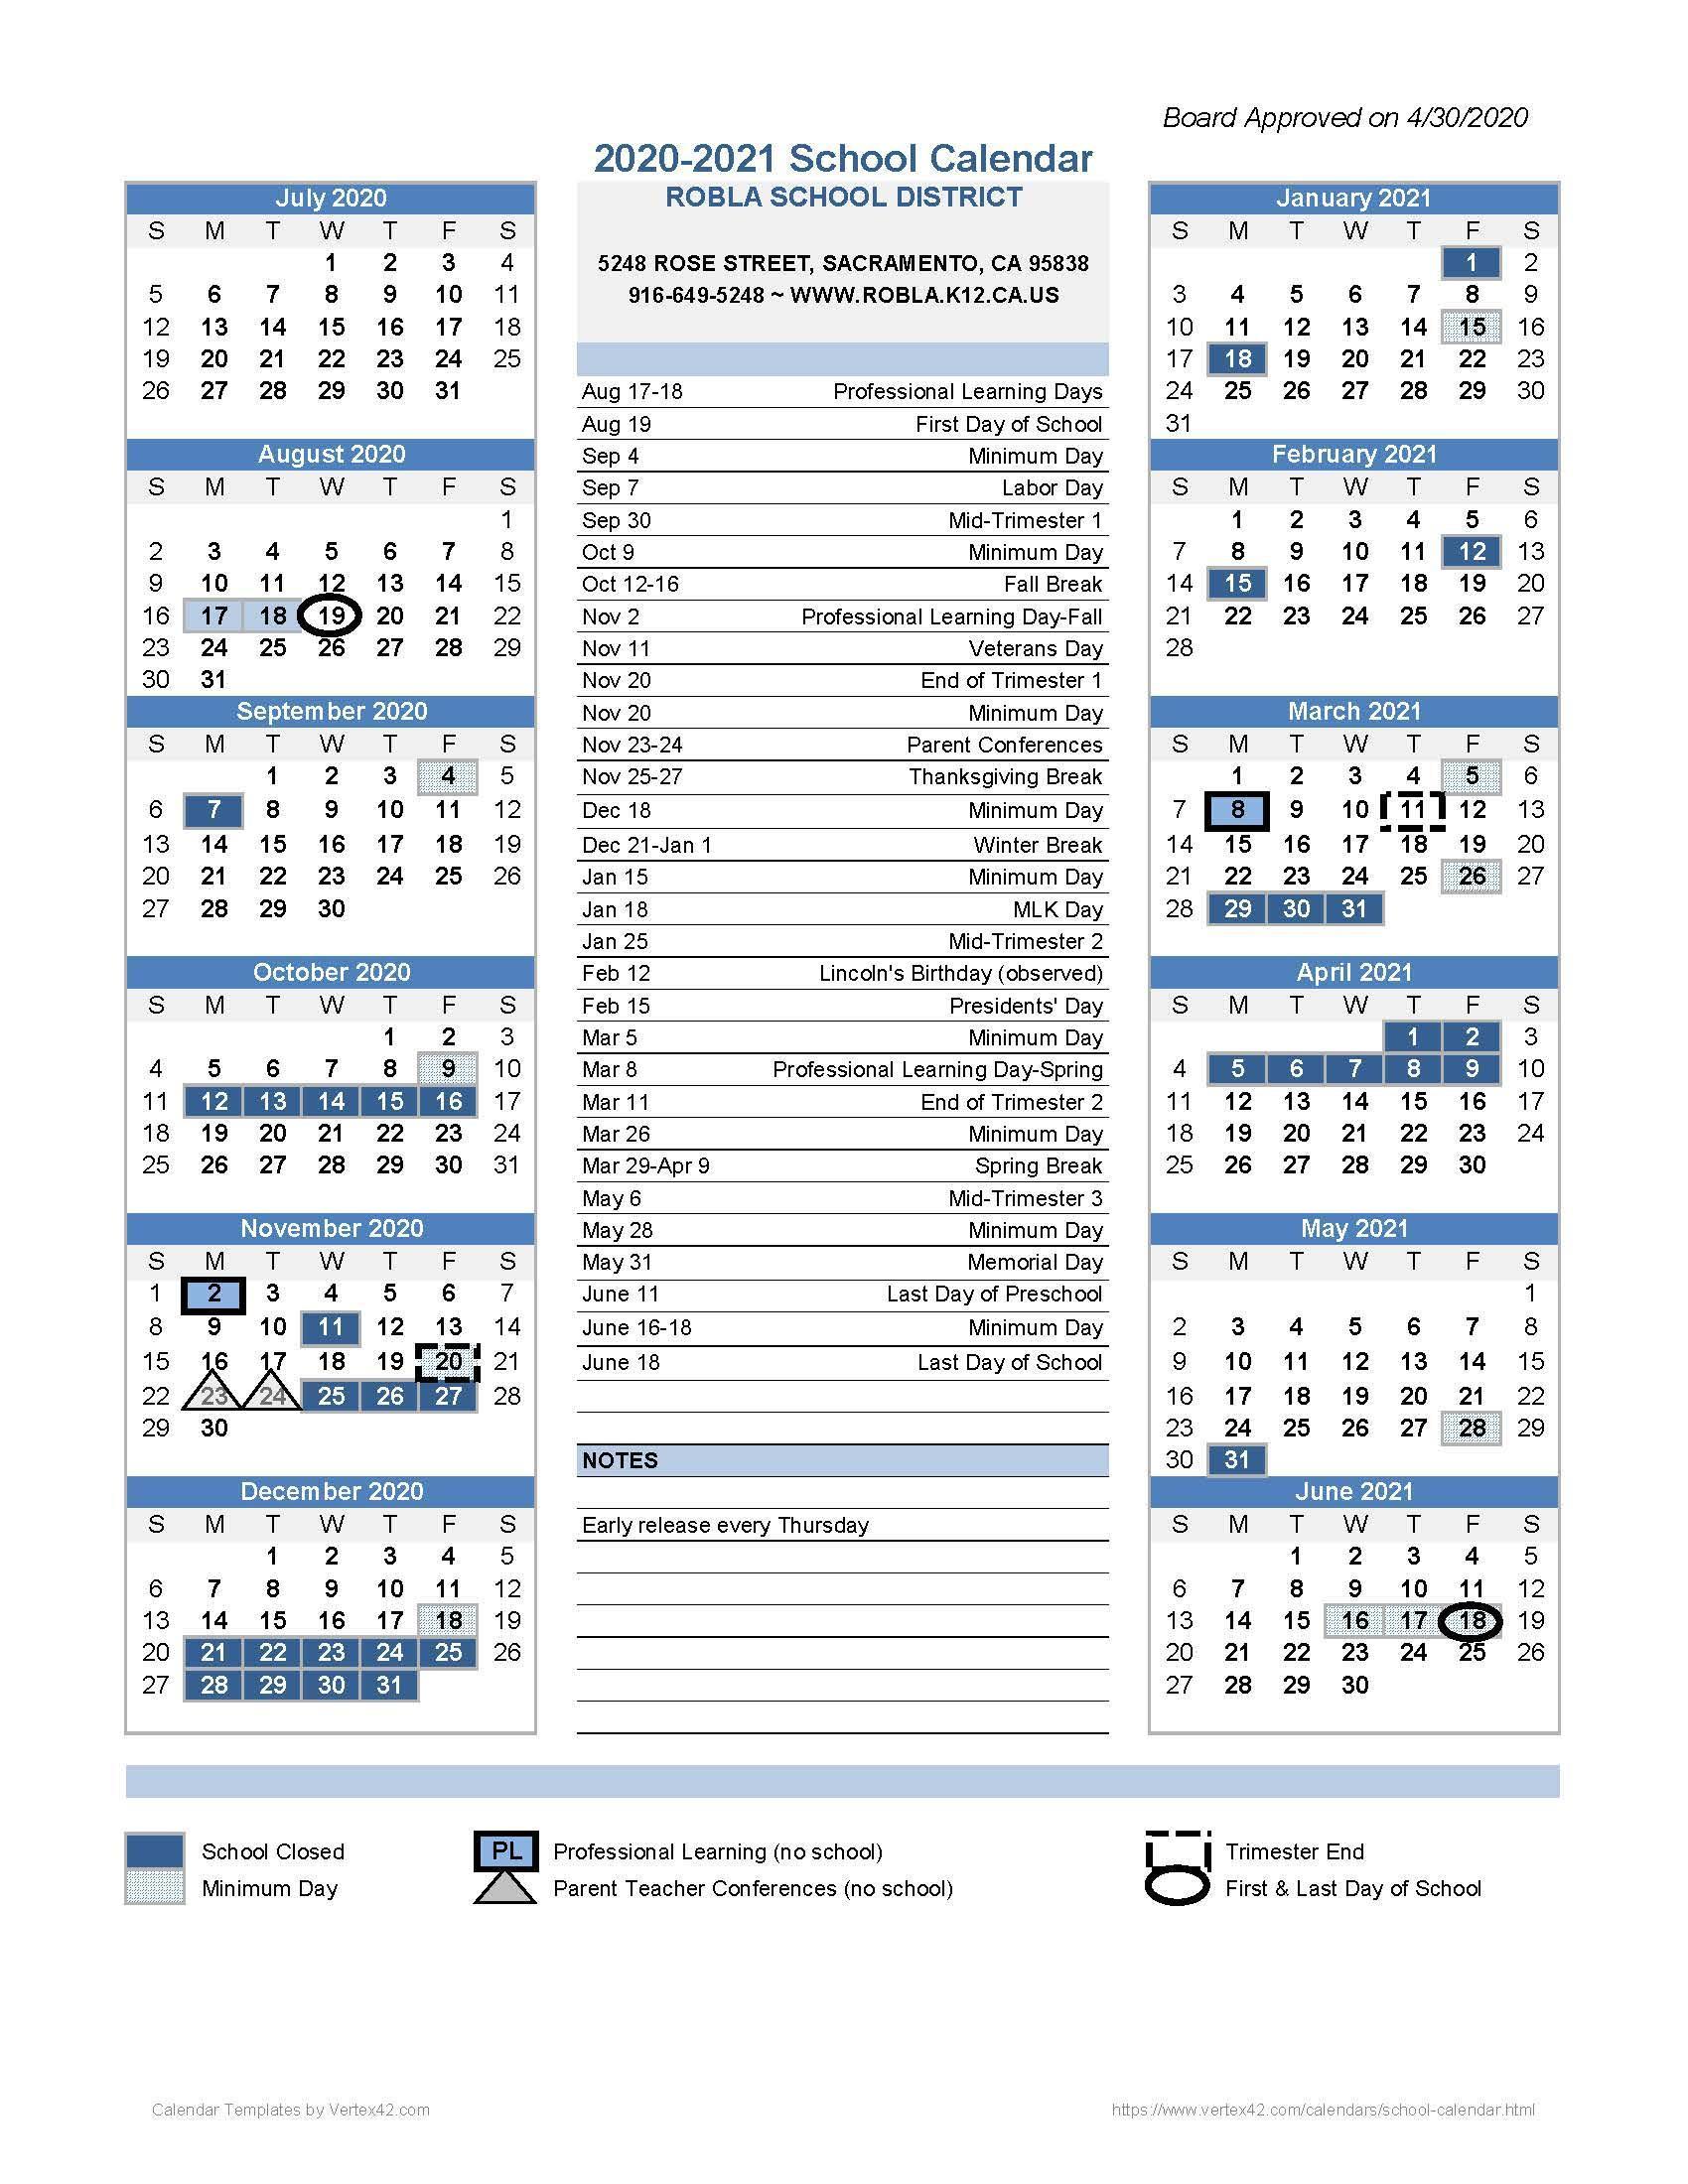 Academic Calendar / 2020 2021 Pertaining To Corona Norco Regarding Aiken County School District Calendar 2020 2021